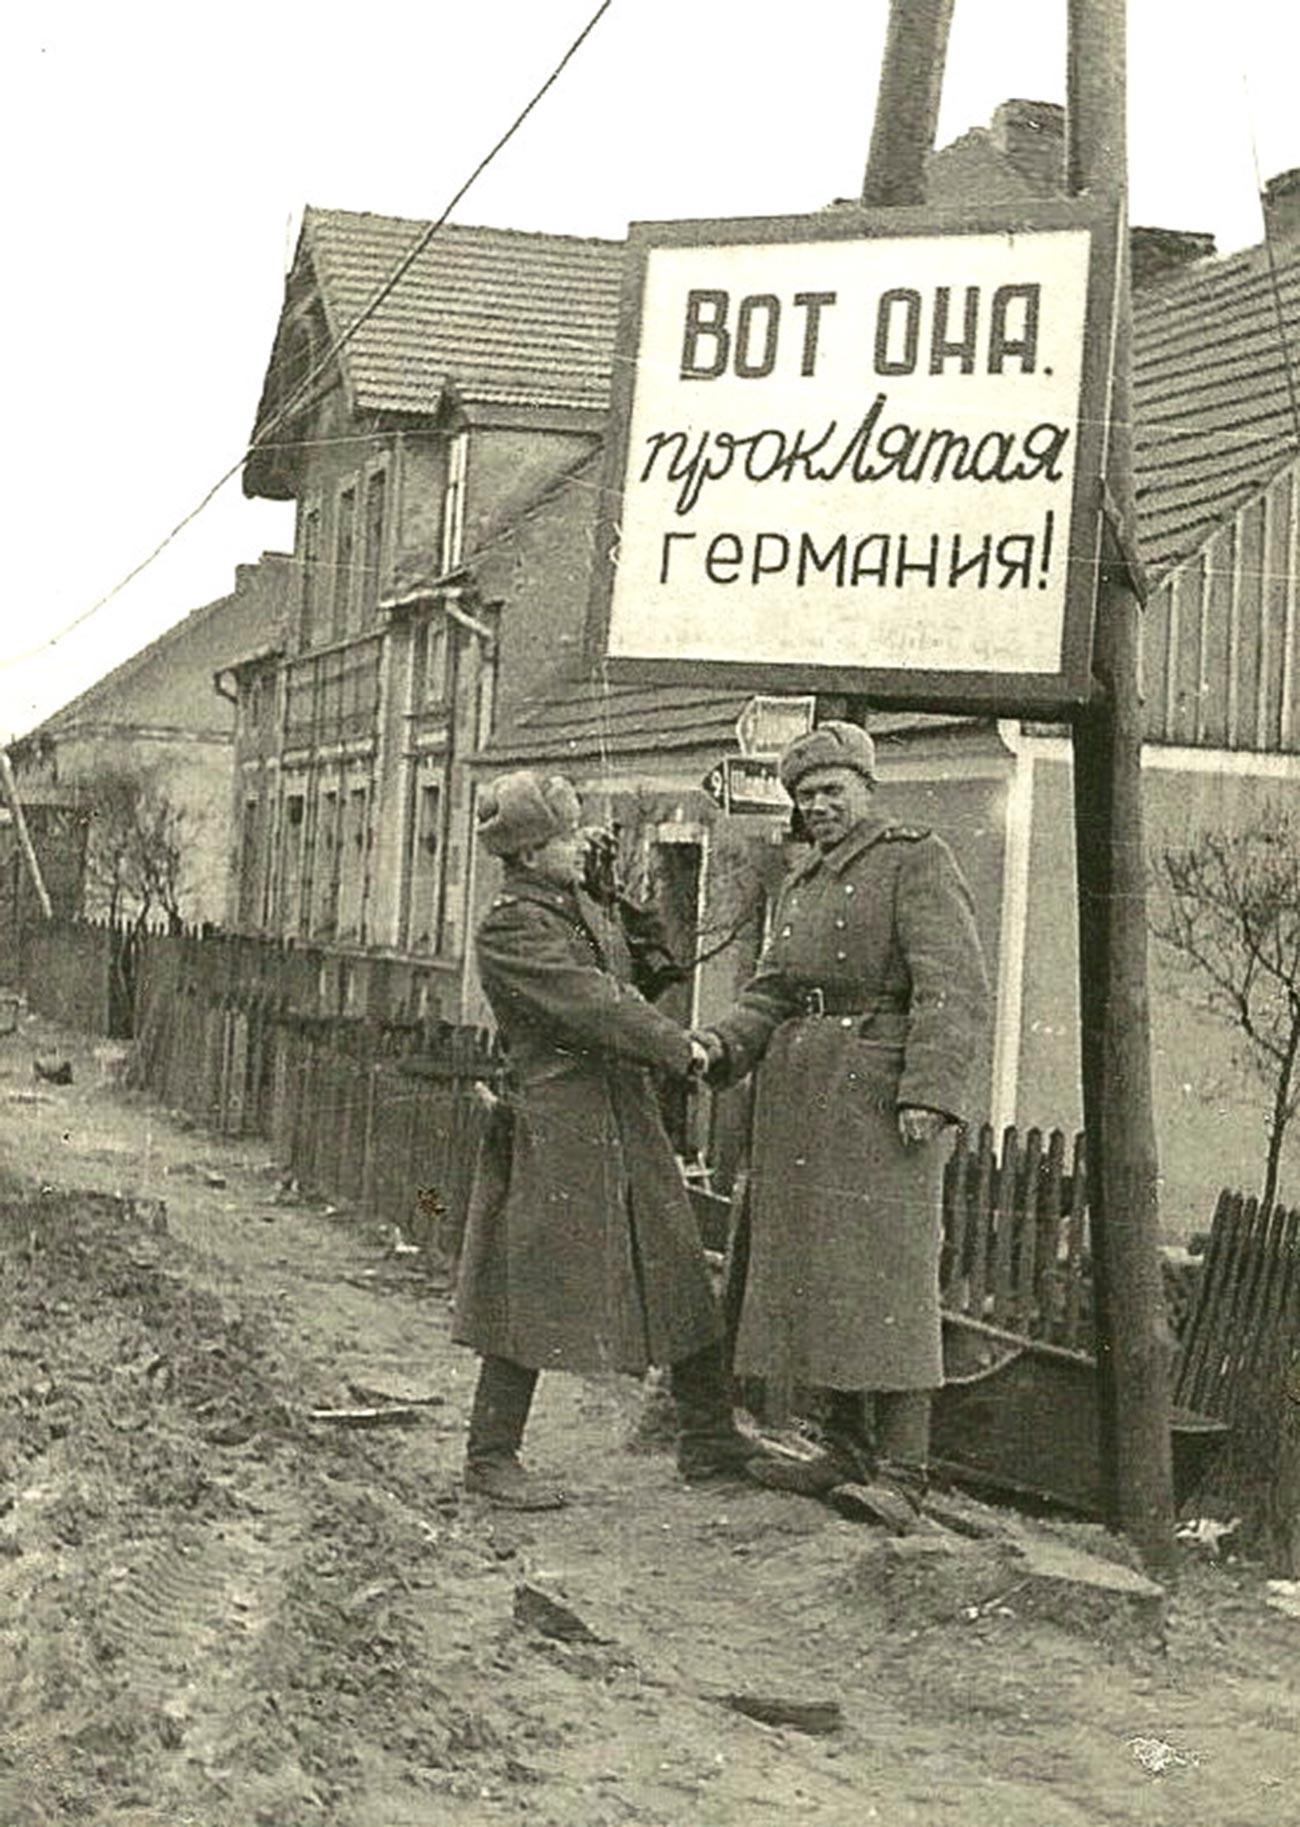 Фронтовые кинооператоры-напарники Илья Аронс (слева) и Борис Дементьев на бывшей границе между Польшей и Германией при съемках фильма «Бои в Померании» в апреле 1945г.